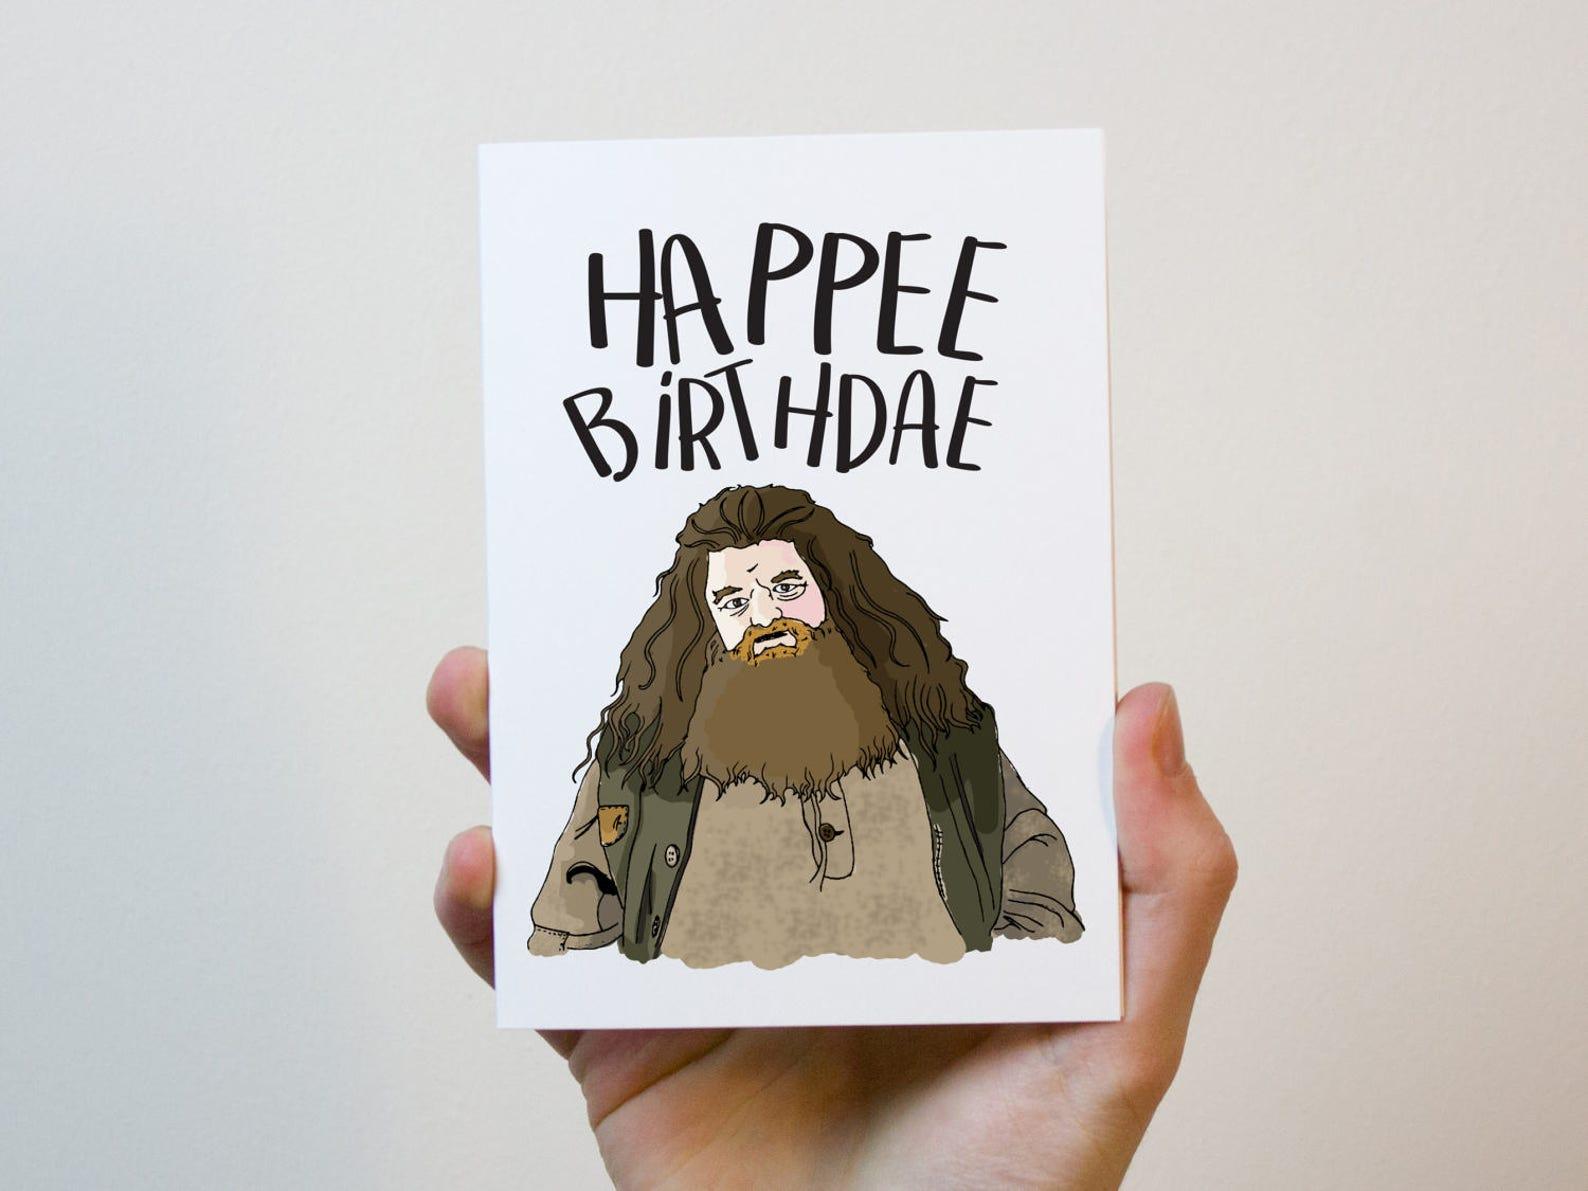 Надписью днем, открытка на день рождения гарри поттер